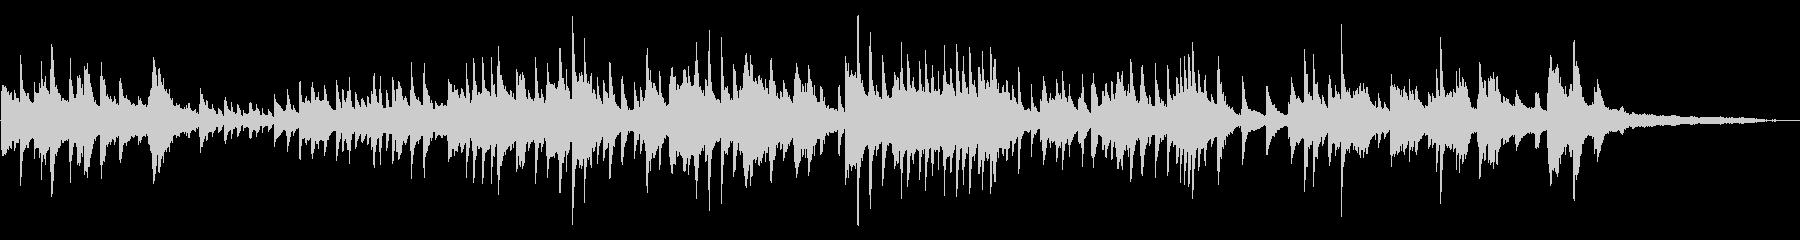 流れるような静かなピアノソロ楽曲の未再生の波形